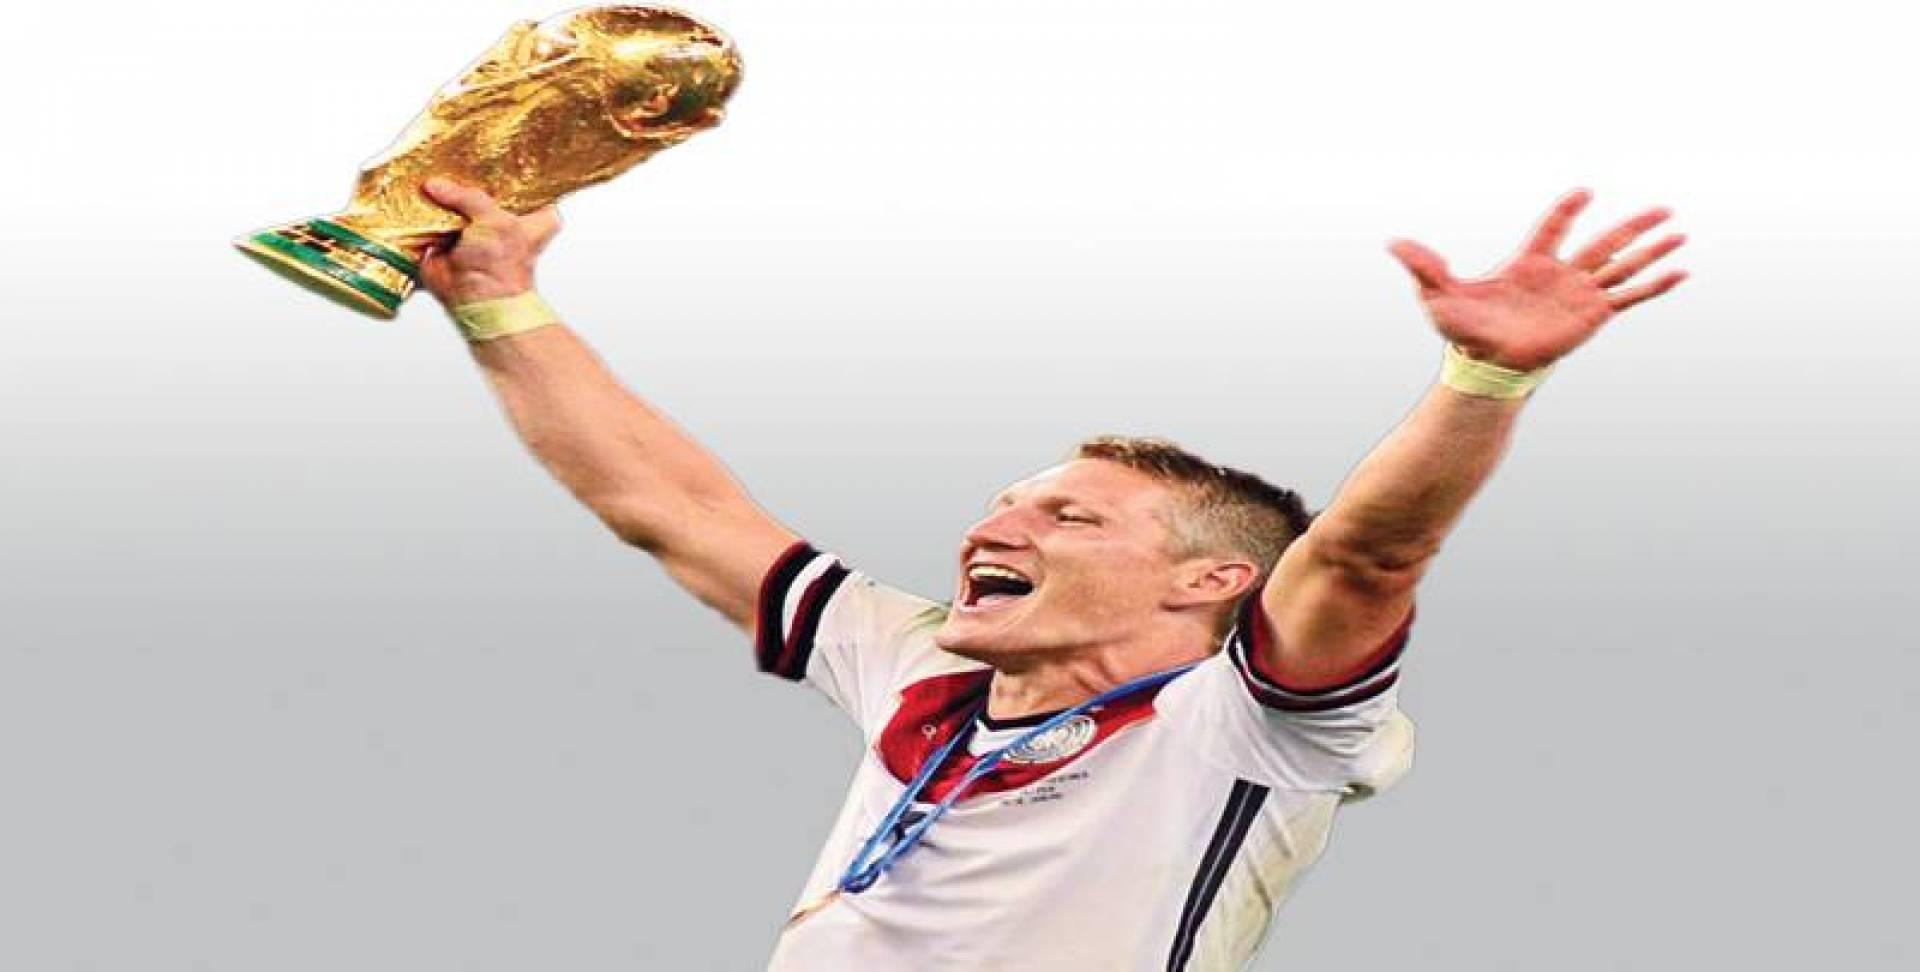 شفاينشتايغر يحتفل بكأس العالم